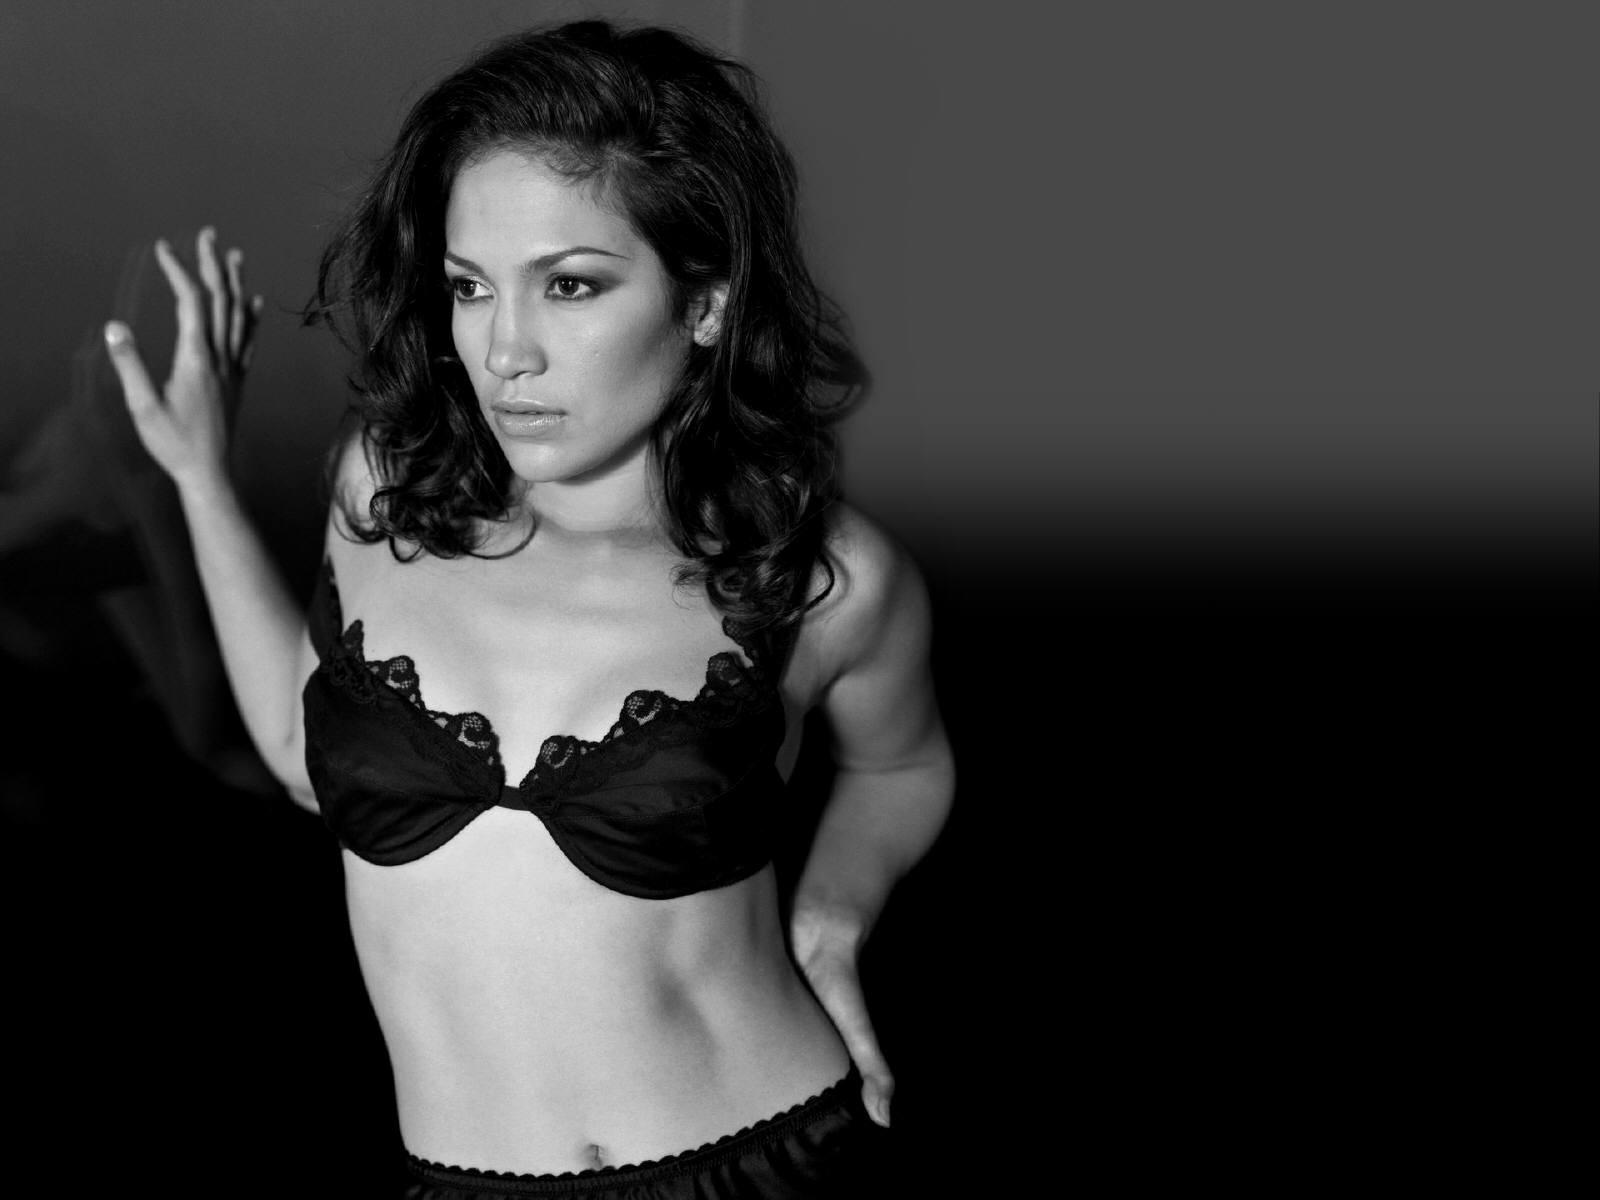 Wallpaper di Jennifer Lopez in bianco e nero